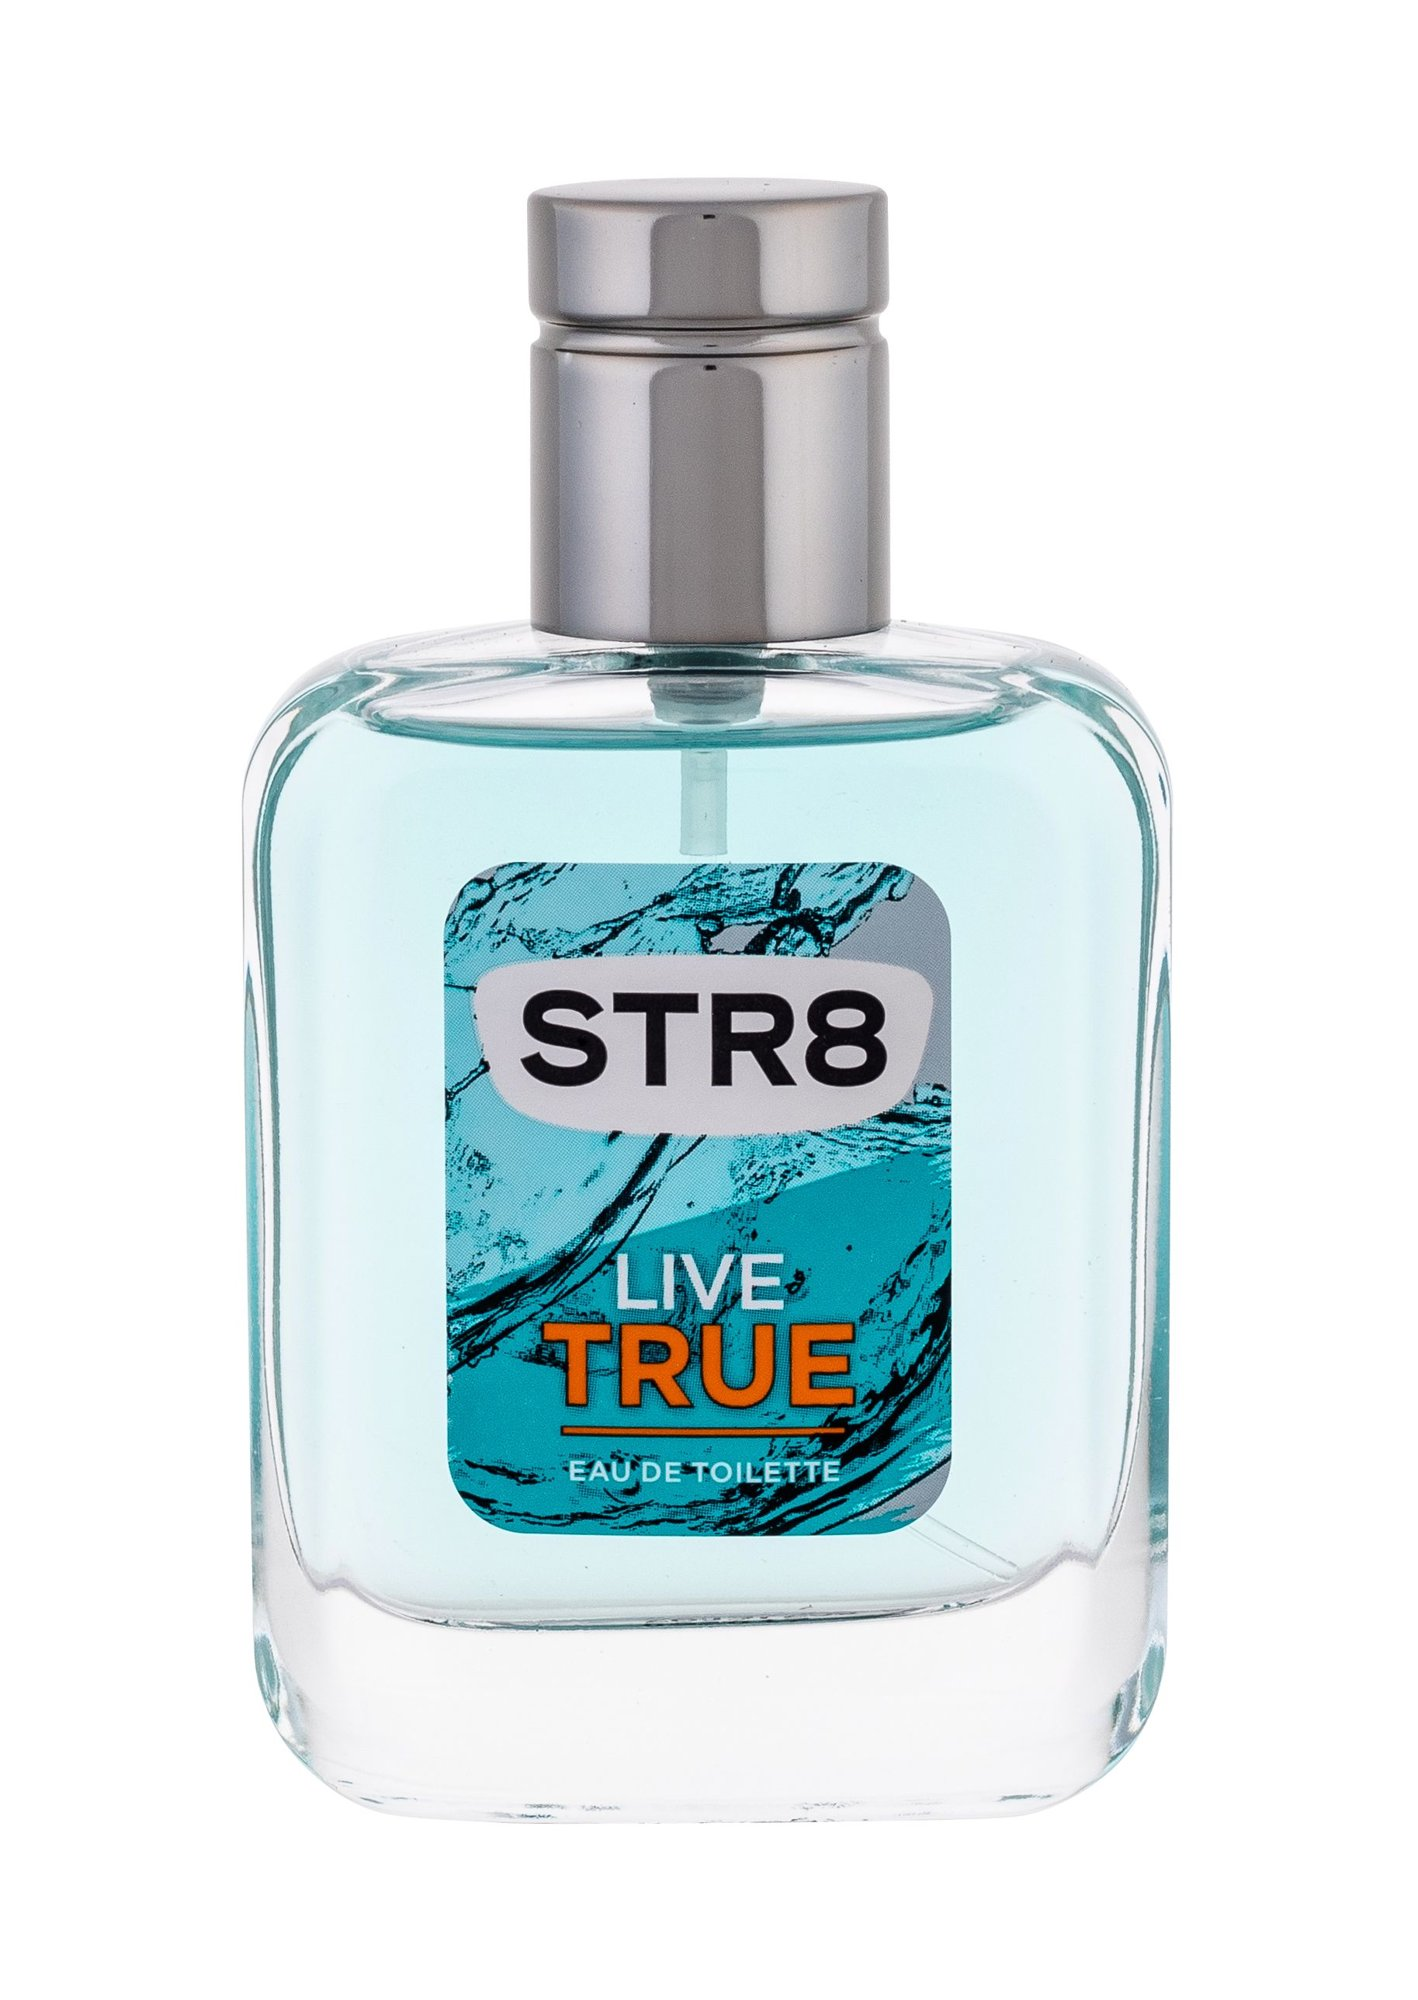 STR8 Live True Eau de Toilette 50ml